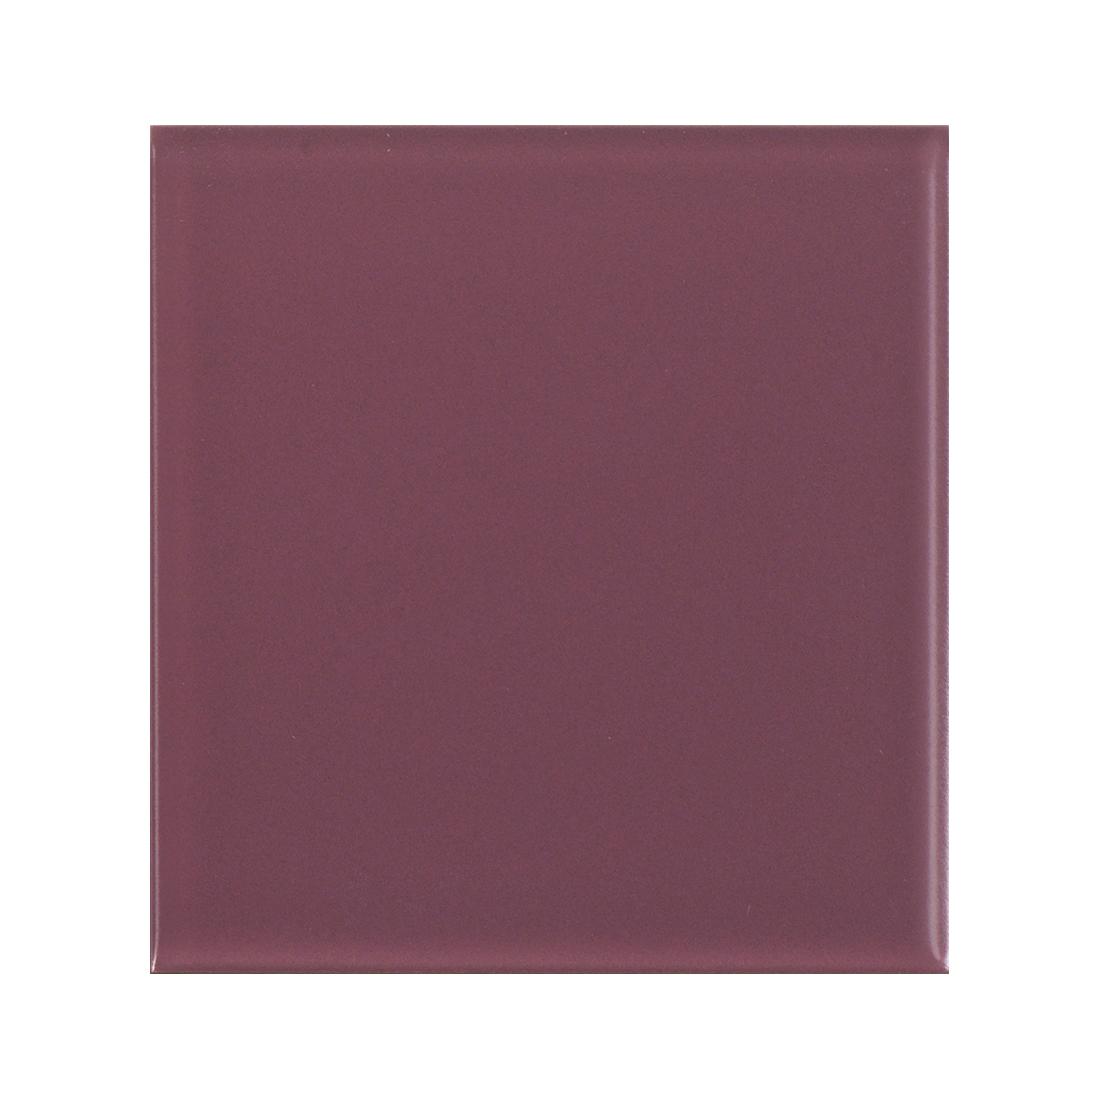 Kakel Arredo Color Granate Matt 20×20 cm